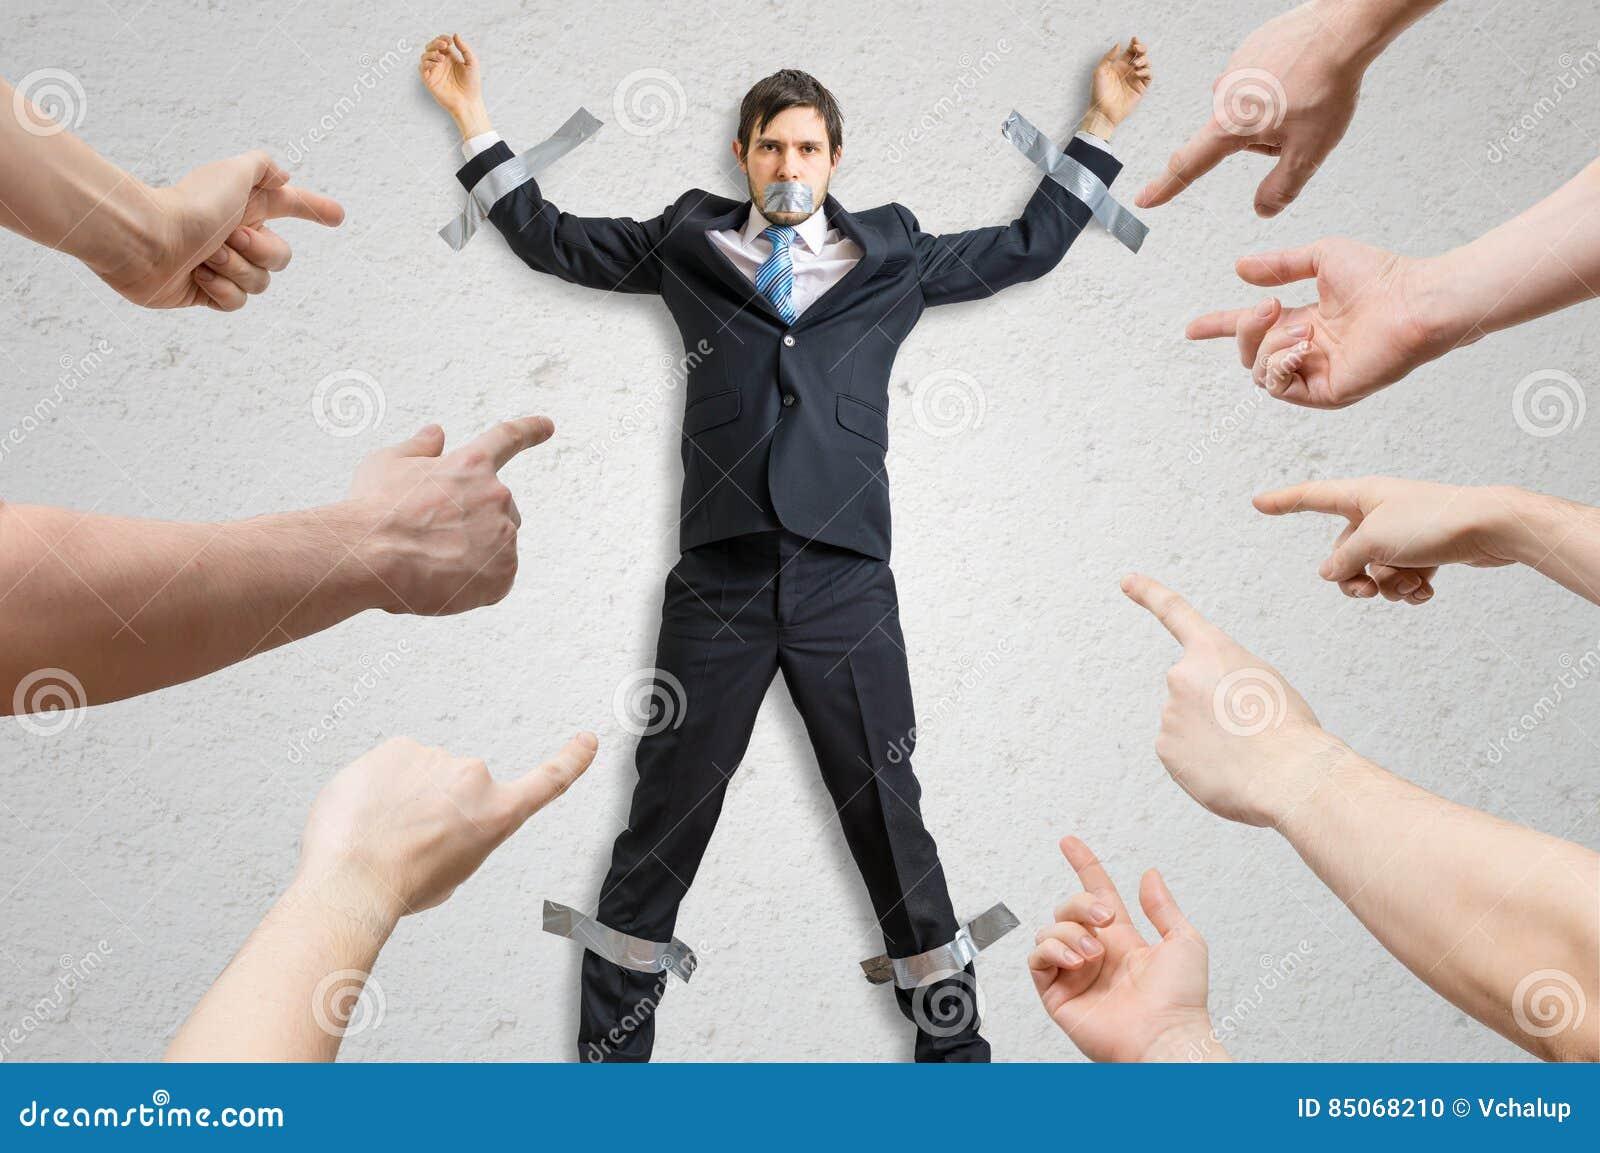 Много рук обвиняют работника который связан тесьмой к стене